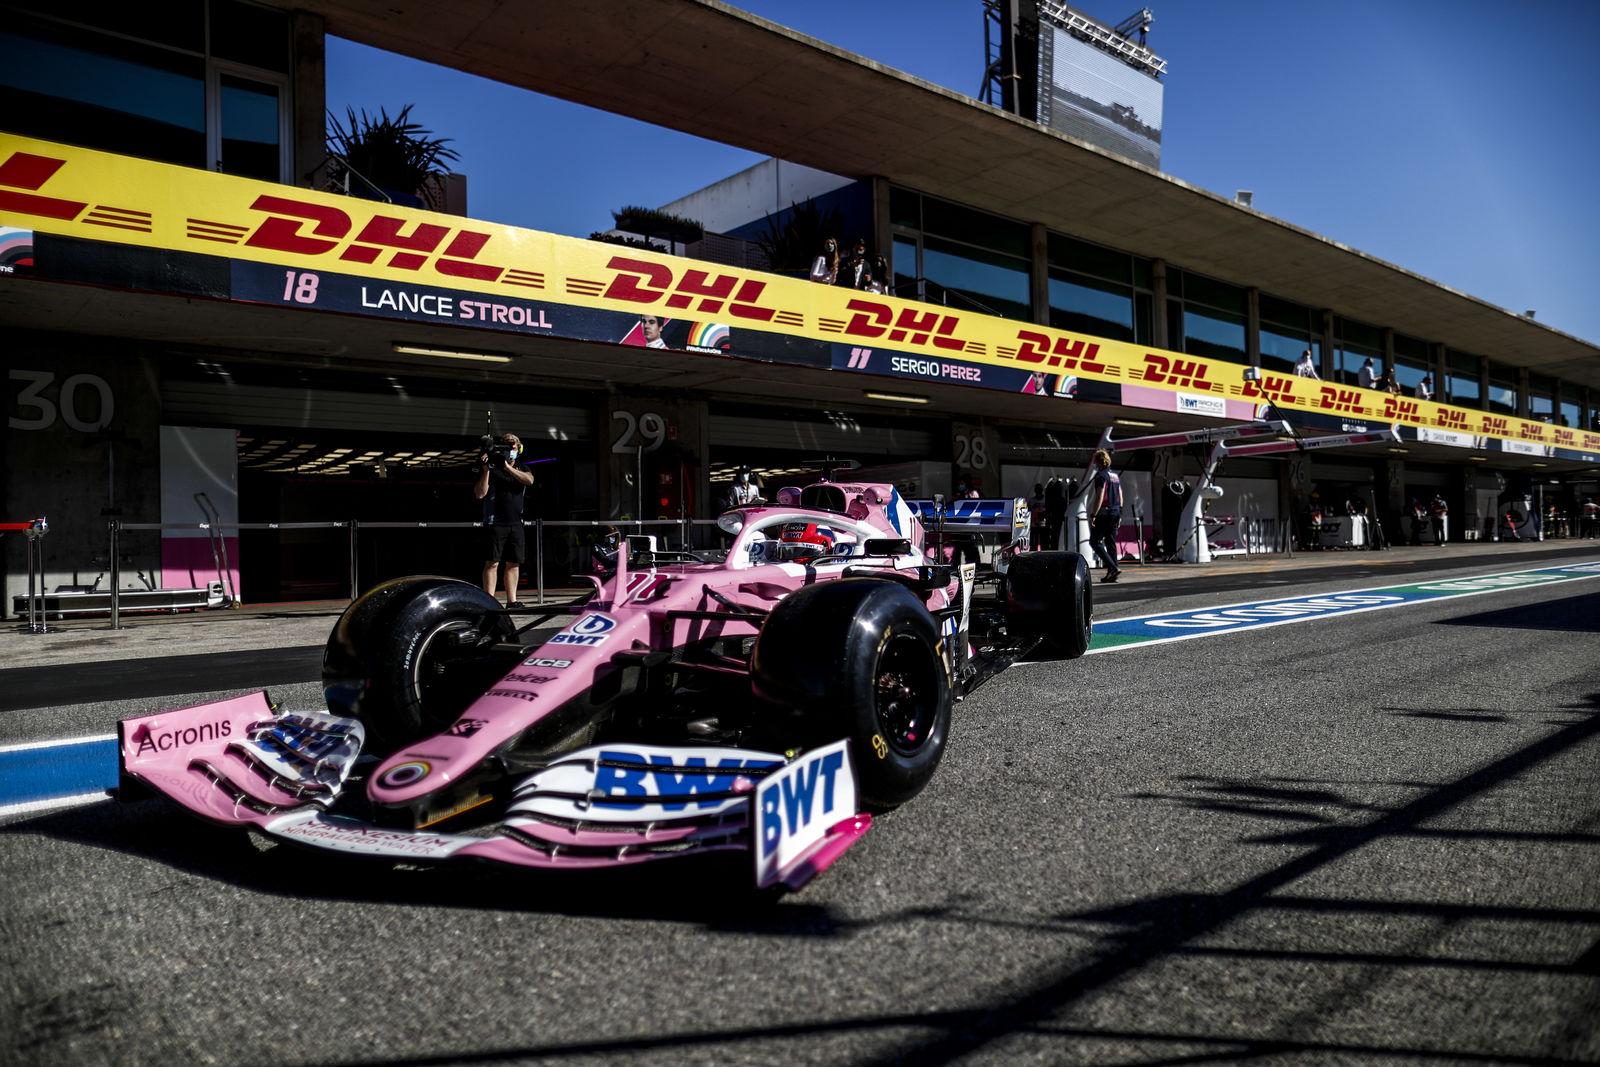 F1 - Le pneu prototype 2021 de Pirelli en test à Bahreïn et Abou Dhabi